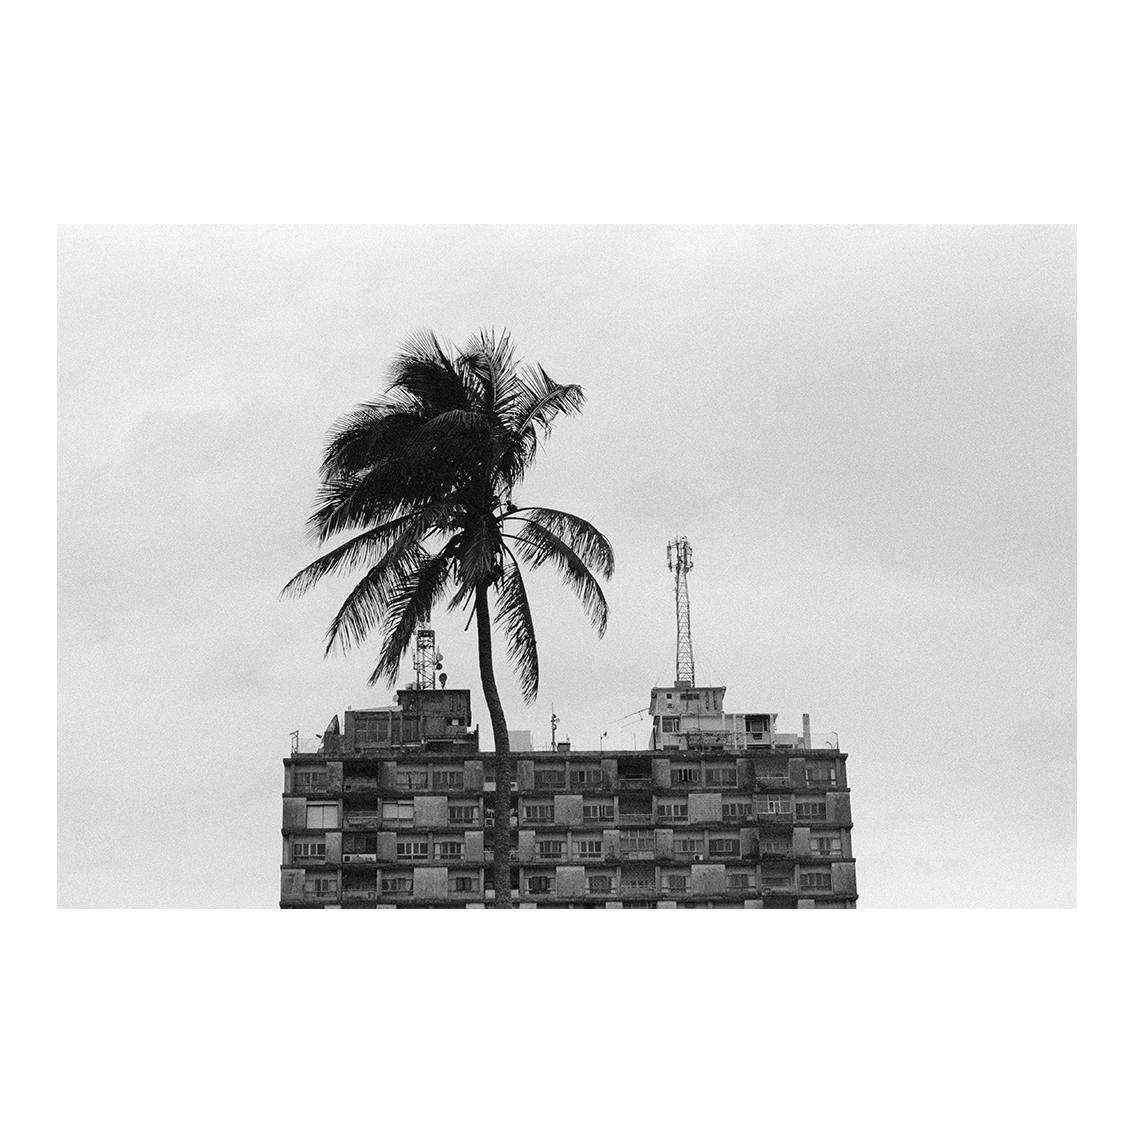 Maputo, Mozambique, 2012